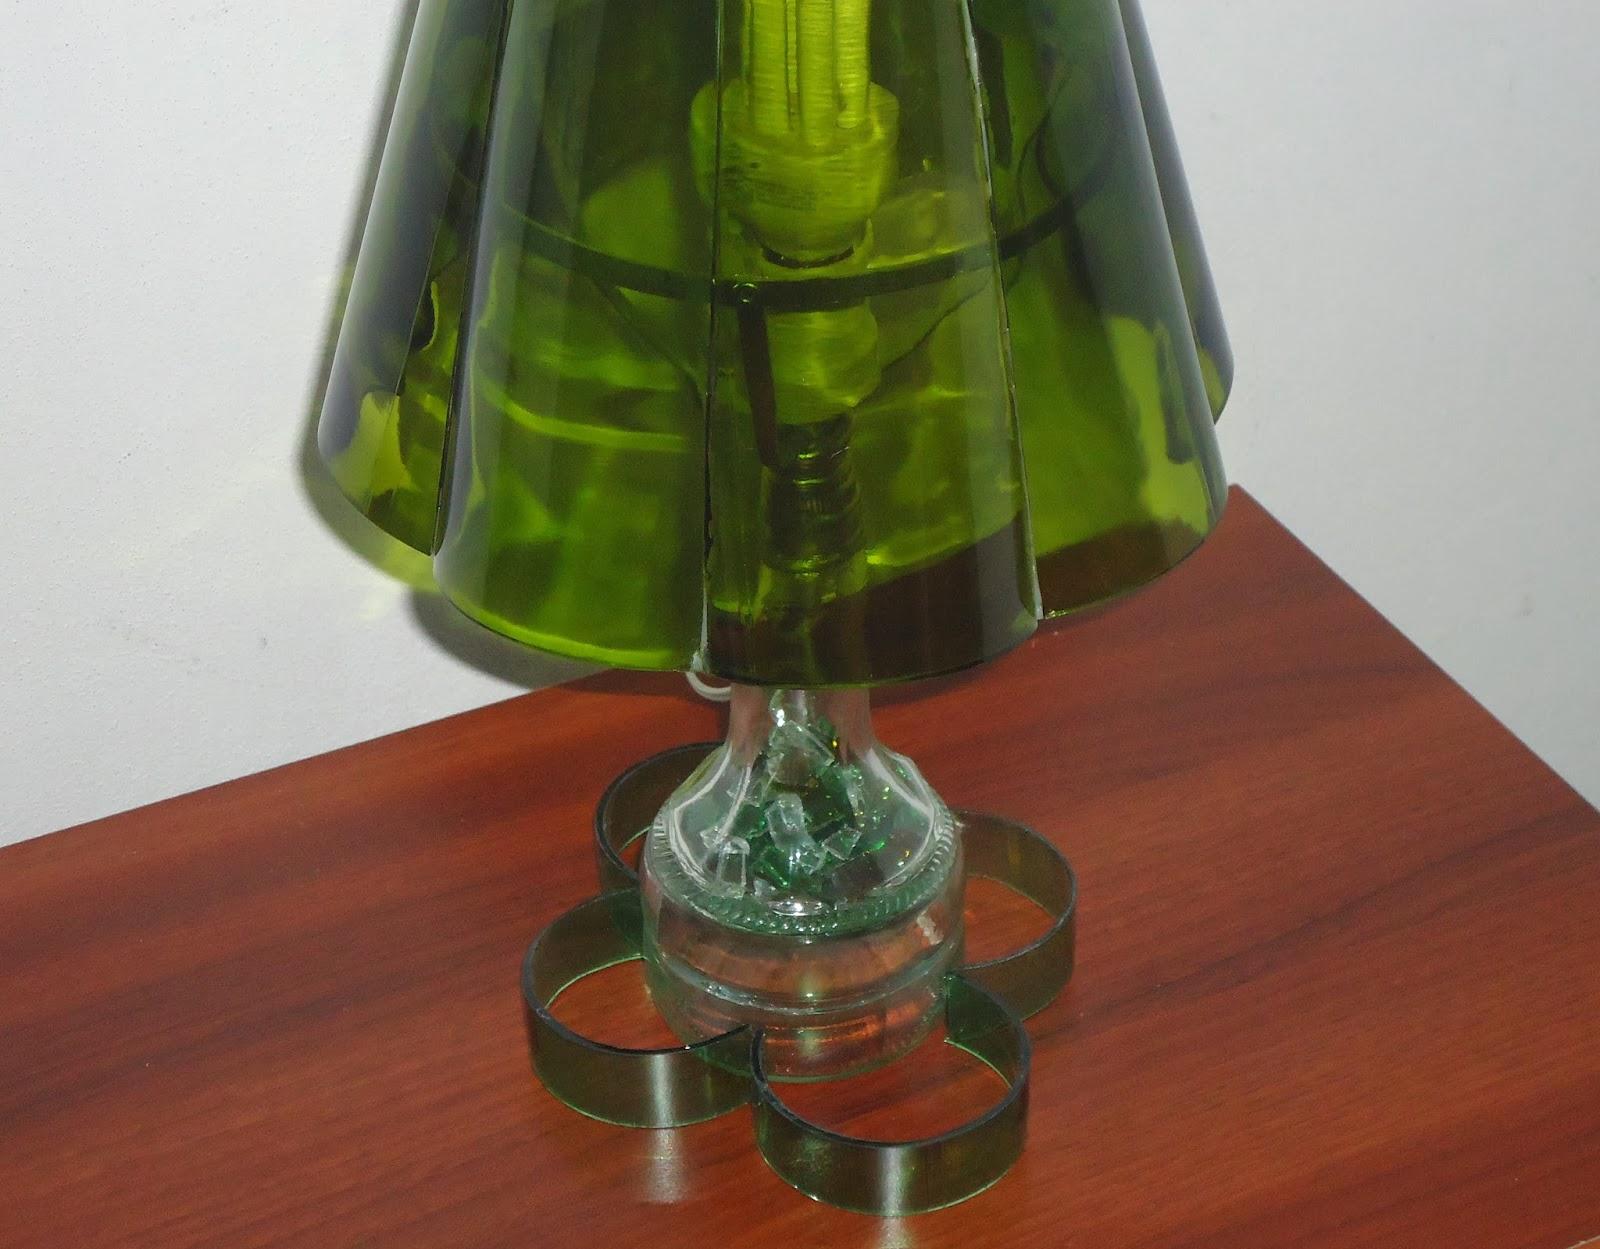 Reciclaje de botellas proyecto 2 for Modelos de comedores de vidrio